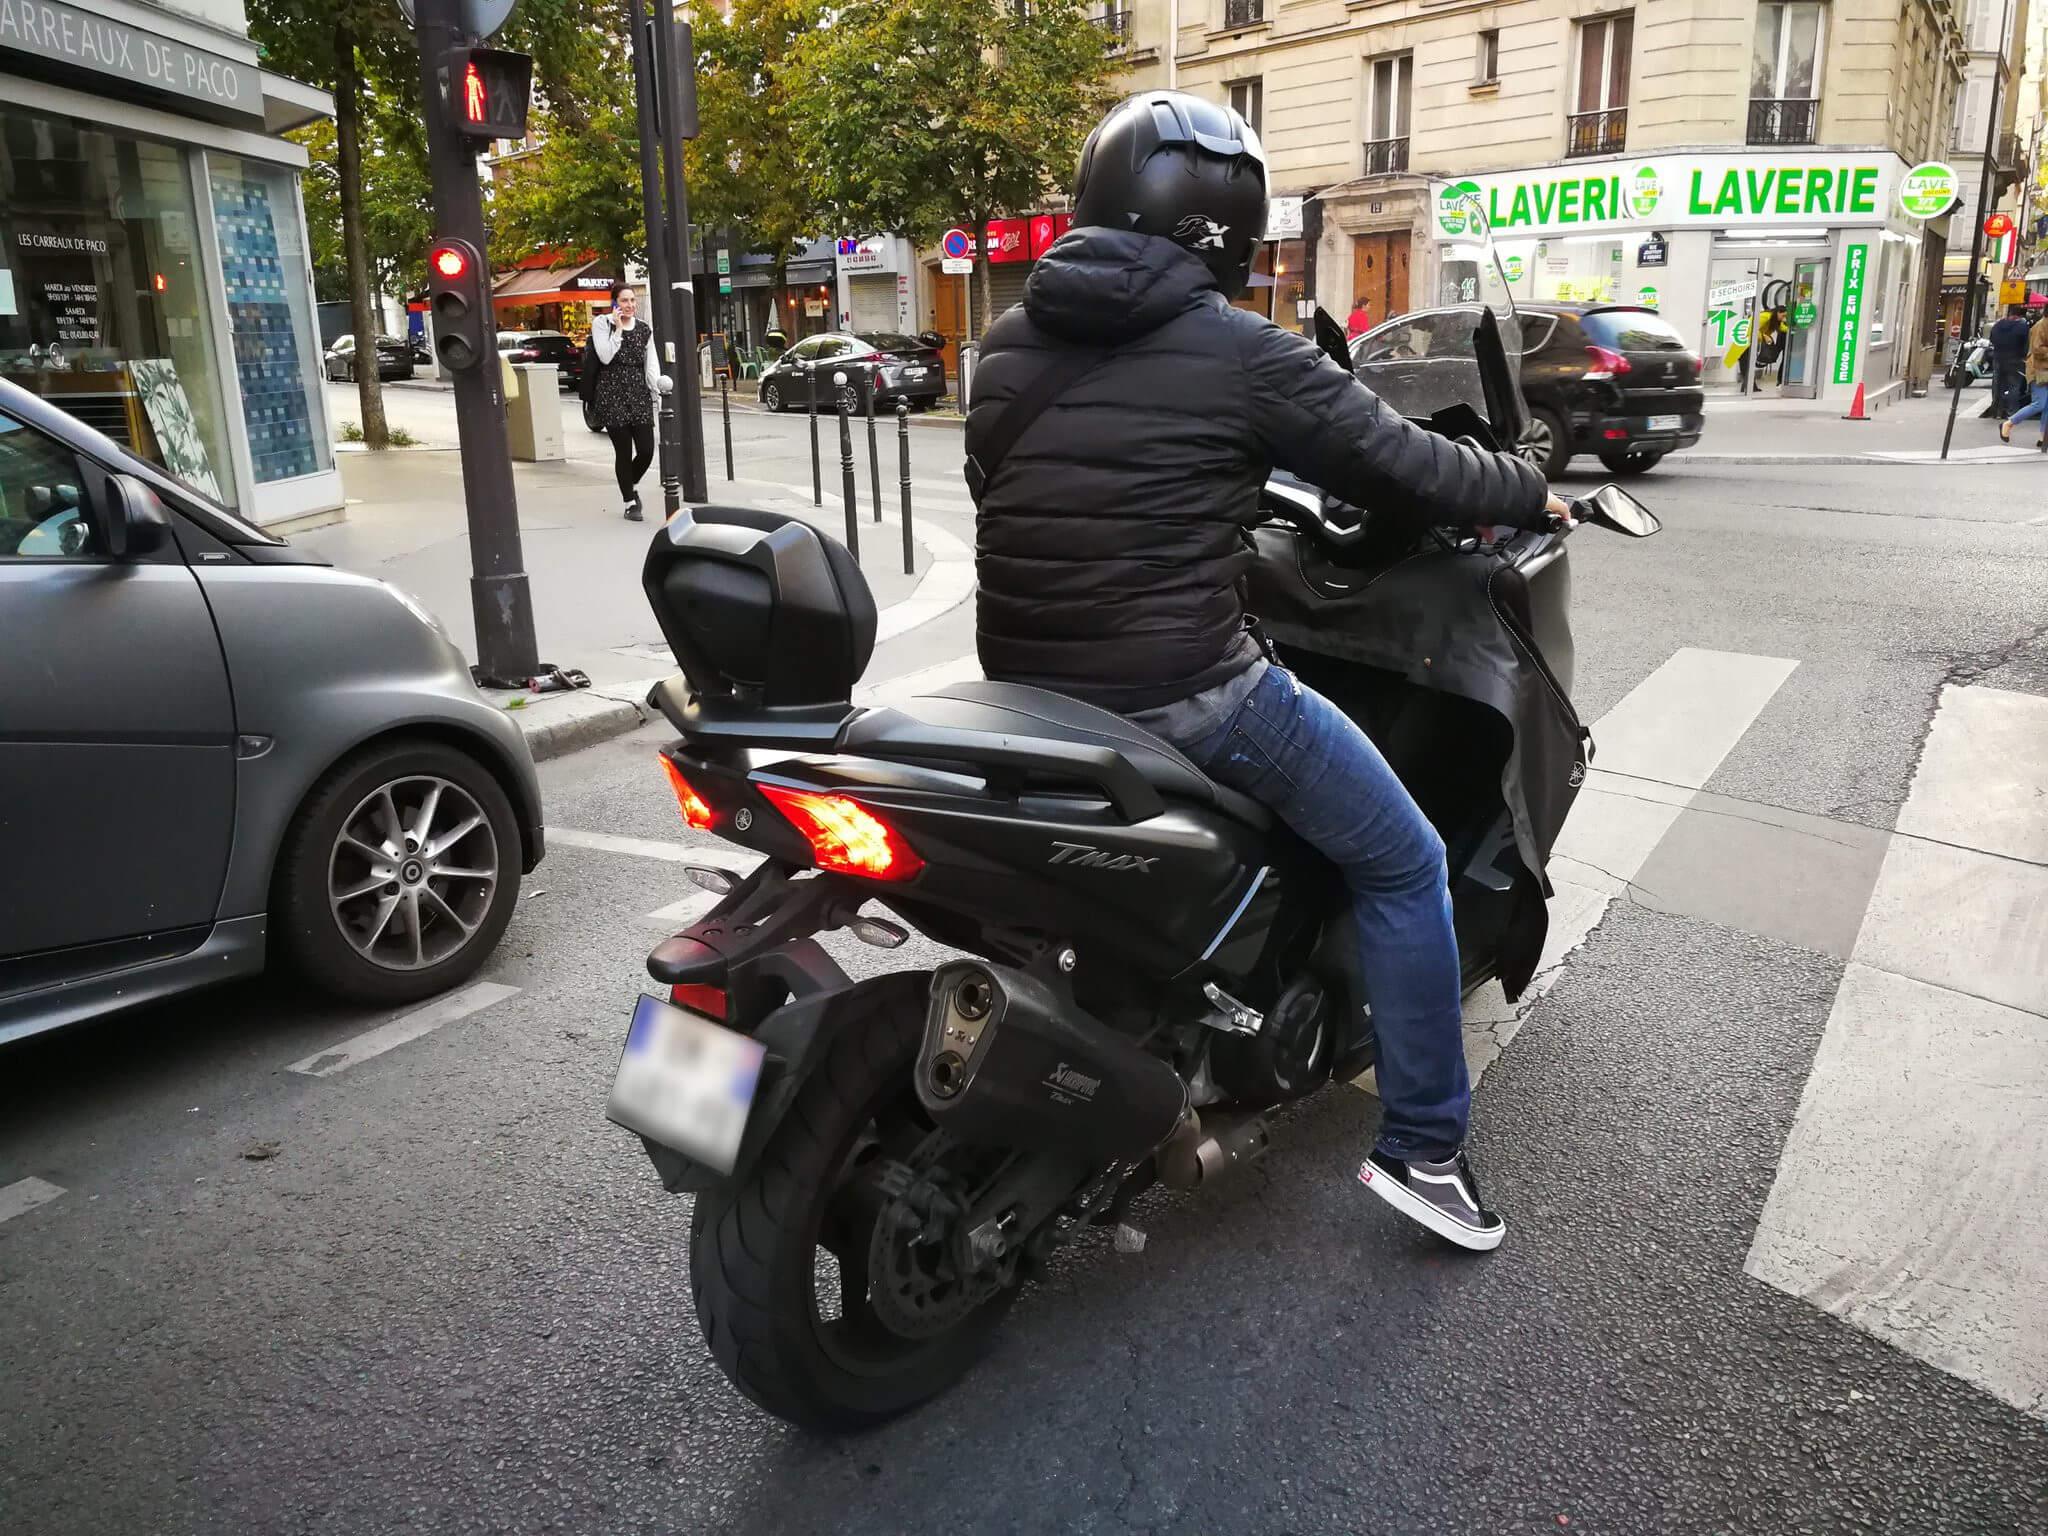 Des deux-roues motorisés bien plus polluants que les voitures à essence